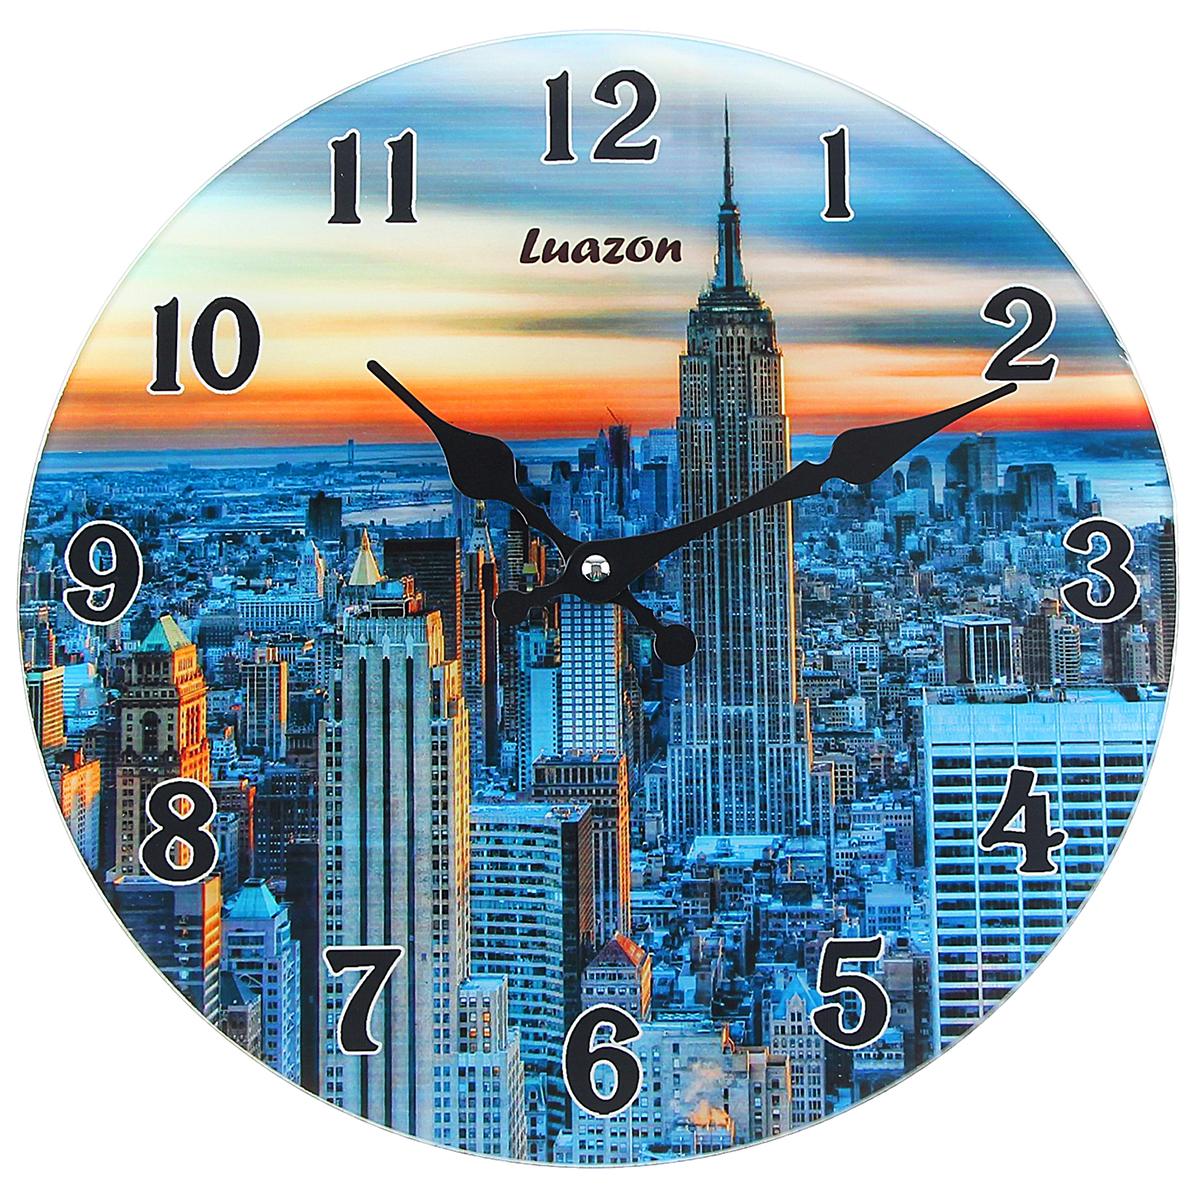 Часы настенные Есения. Нью-Йорк в закате, диаметр 30 см1063137Каждому хозяину периодически приходит мысль обновить свою квартиру, сделать ремонт, перестановку или кардинально поменять внешний вид каждой комнаты. Часы настенные из стекла Закат в Нью Йорке — привлекательная деталь, которая поможет воплотить вашу интерьерную идею, создать неповторимую атмосферу в вашем доме. Окружите себя приятными мелочами, пусть они радуют глаз и дарят гармонию.часы настенные круг серия Есения Нью Йорк в закате d=30см 1063137